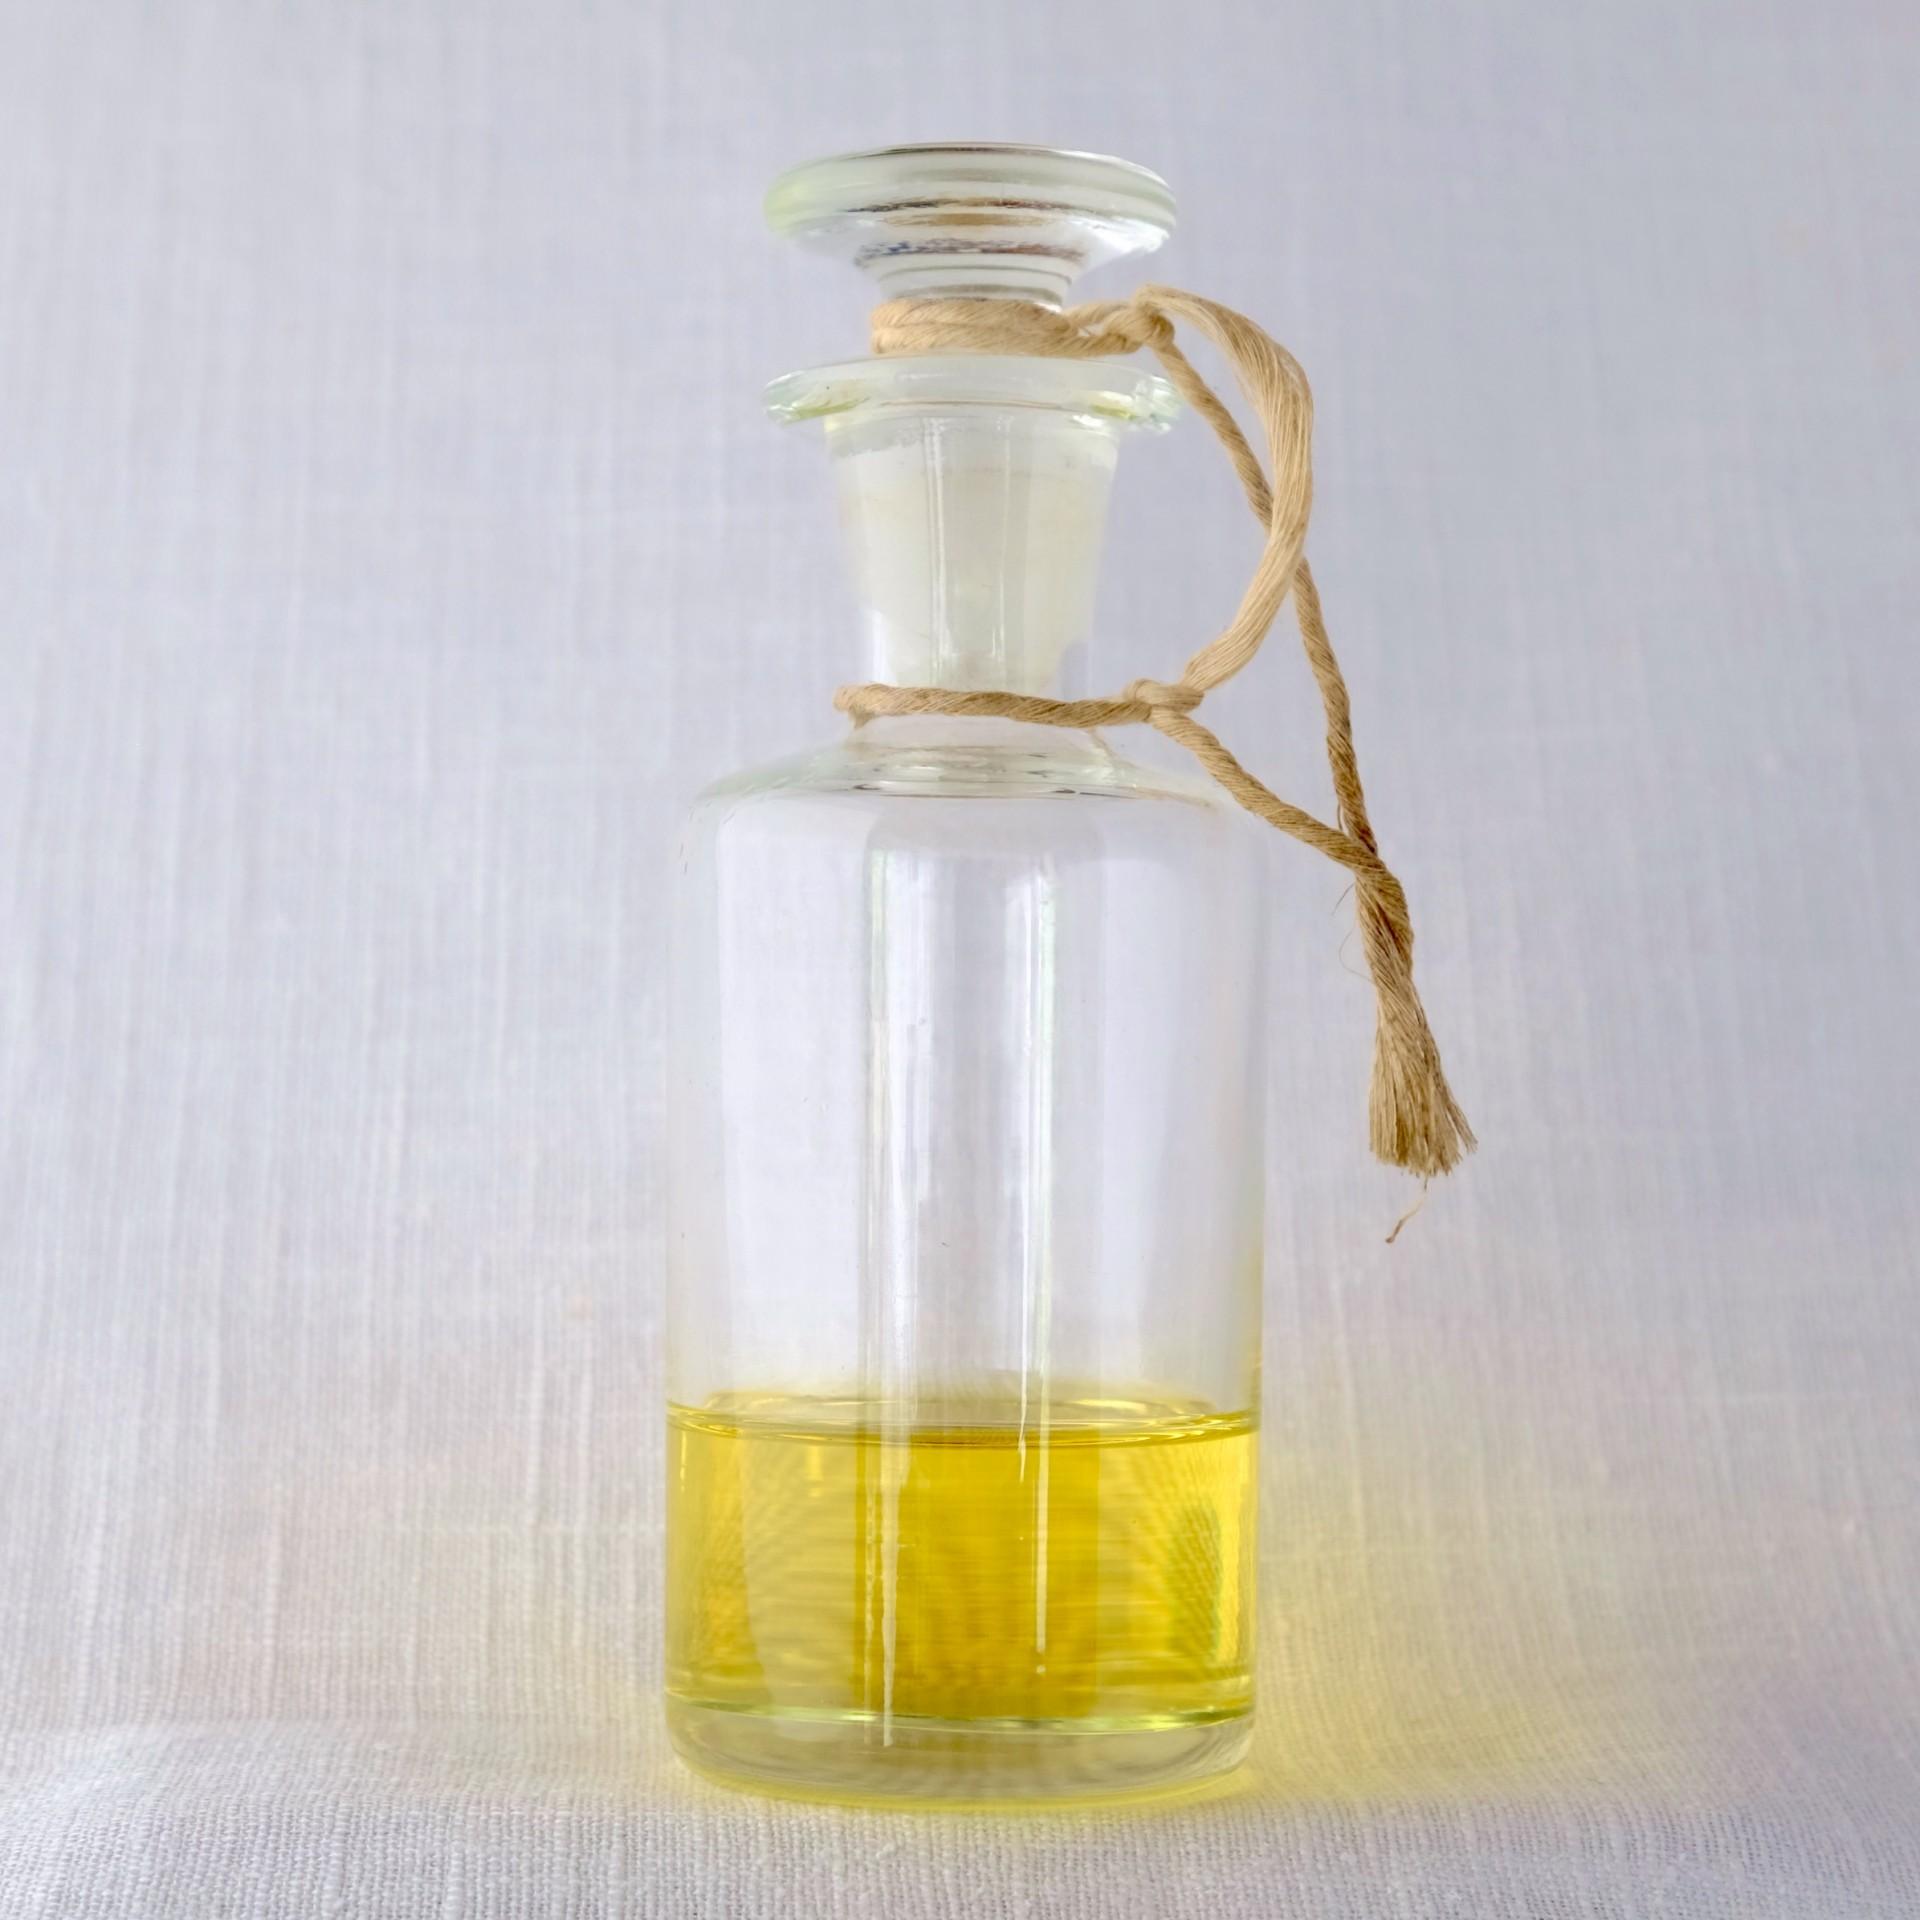 Óleo essencial/ Essential oil